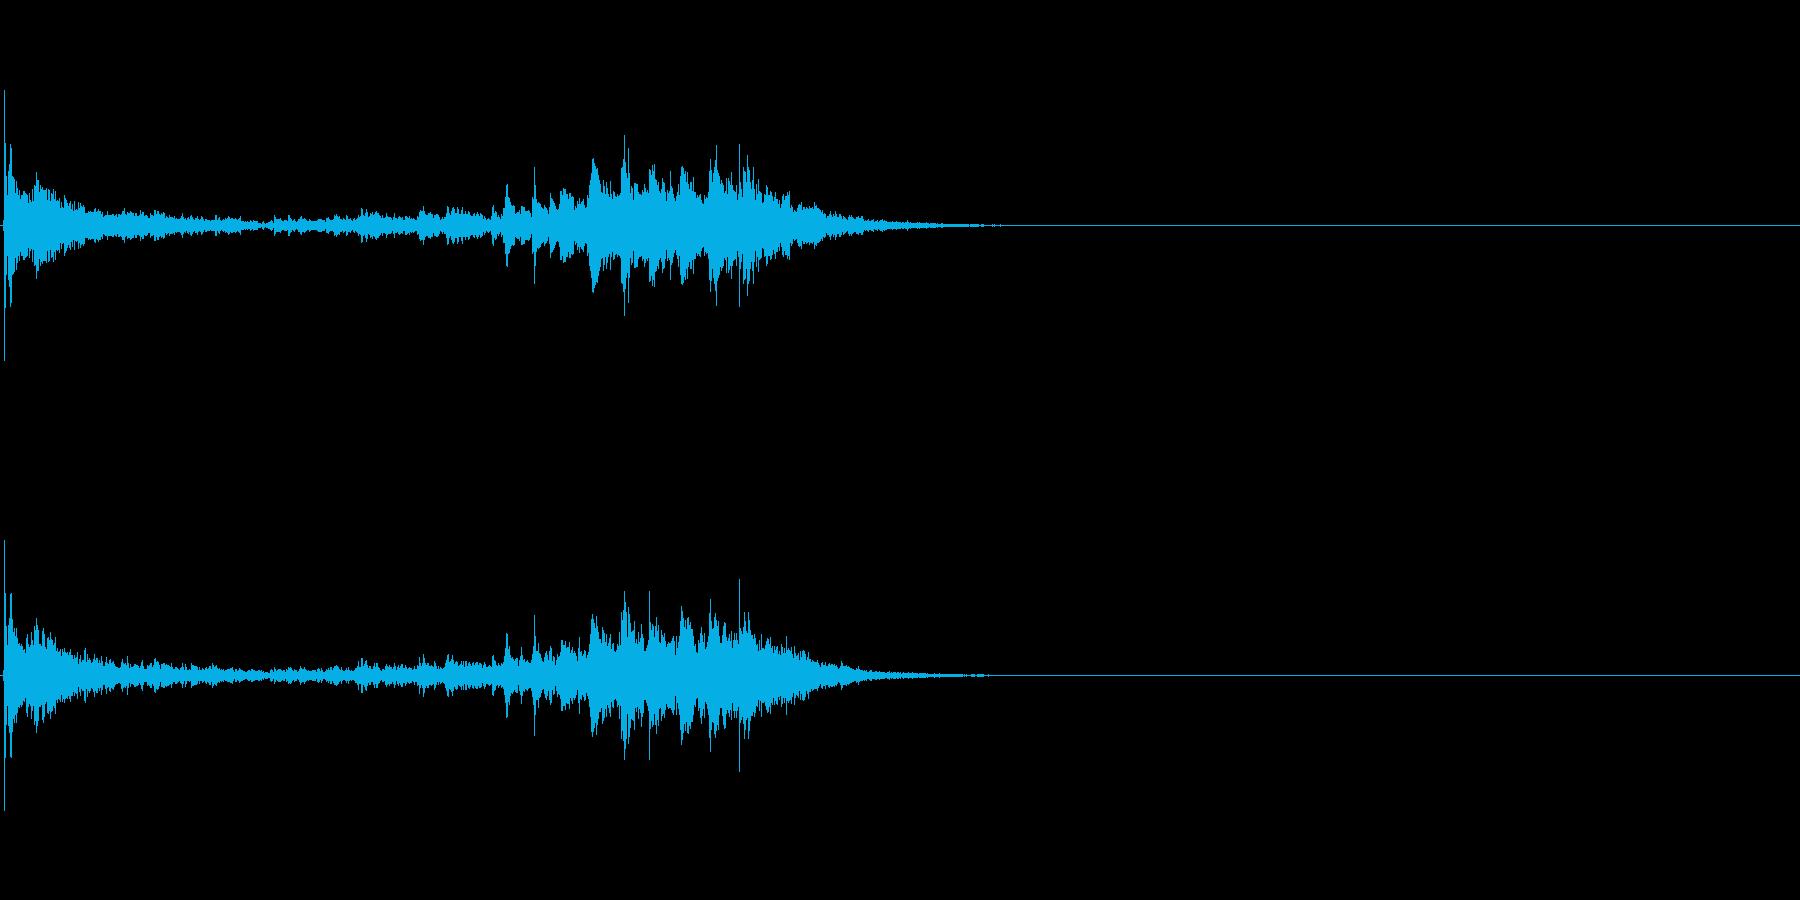 生演奏 琵琶 和風 古典風 残響有#17の再生済みの波形